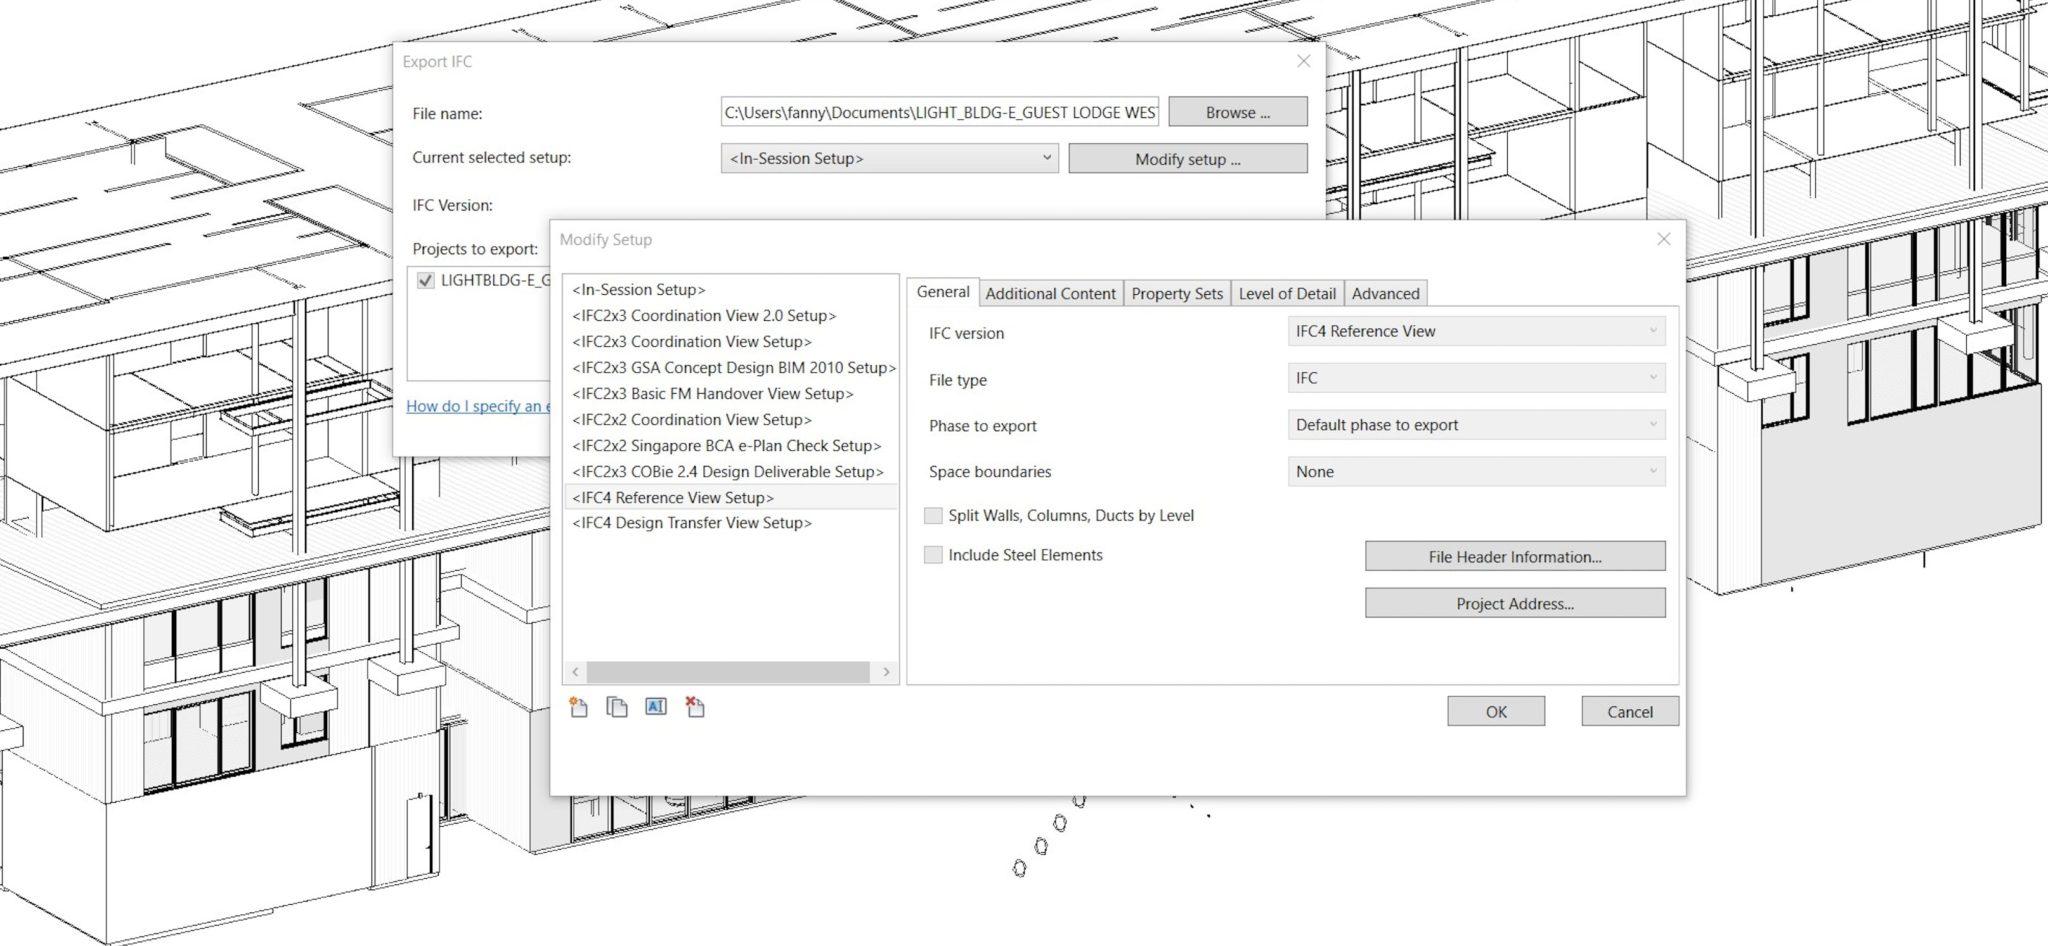 fenêtre d'export IFC dans le logiciel Revit avec le MVD reference view